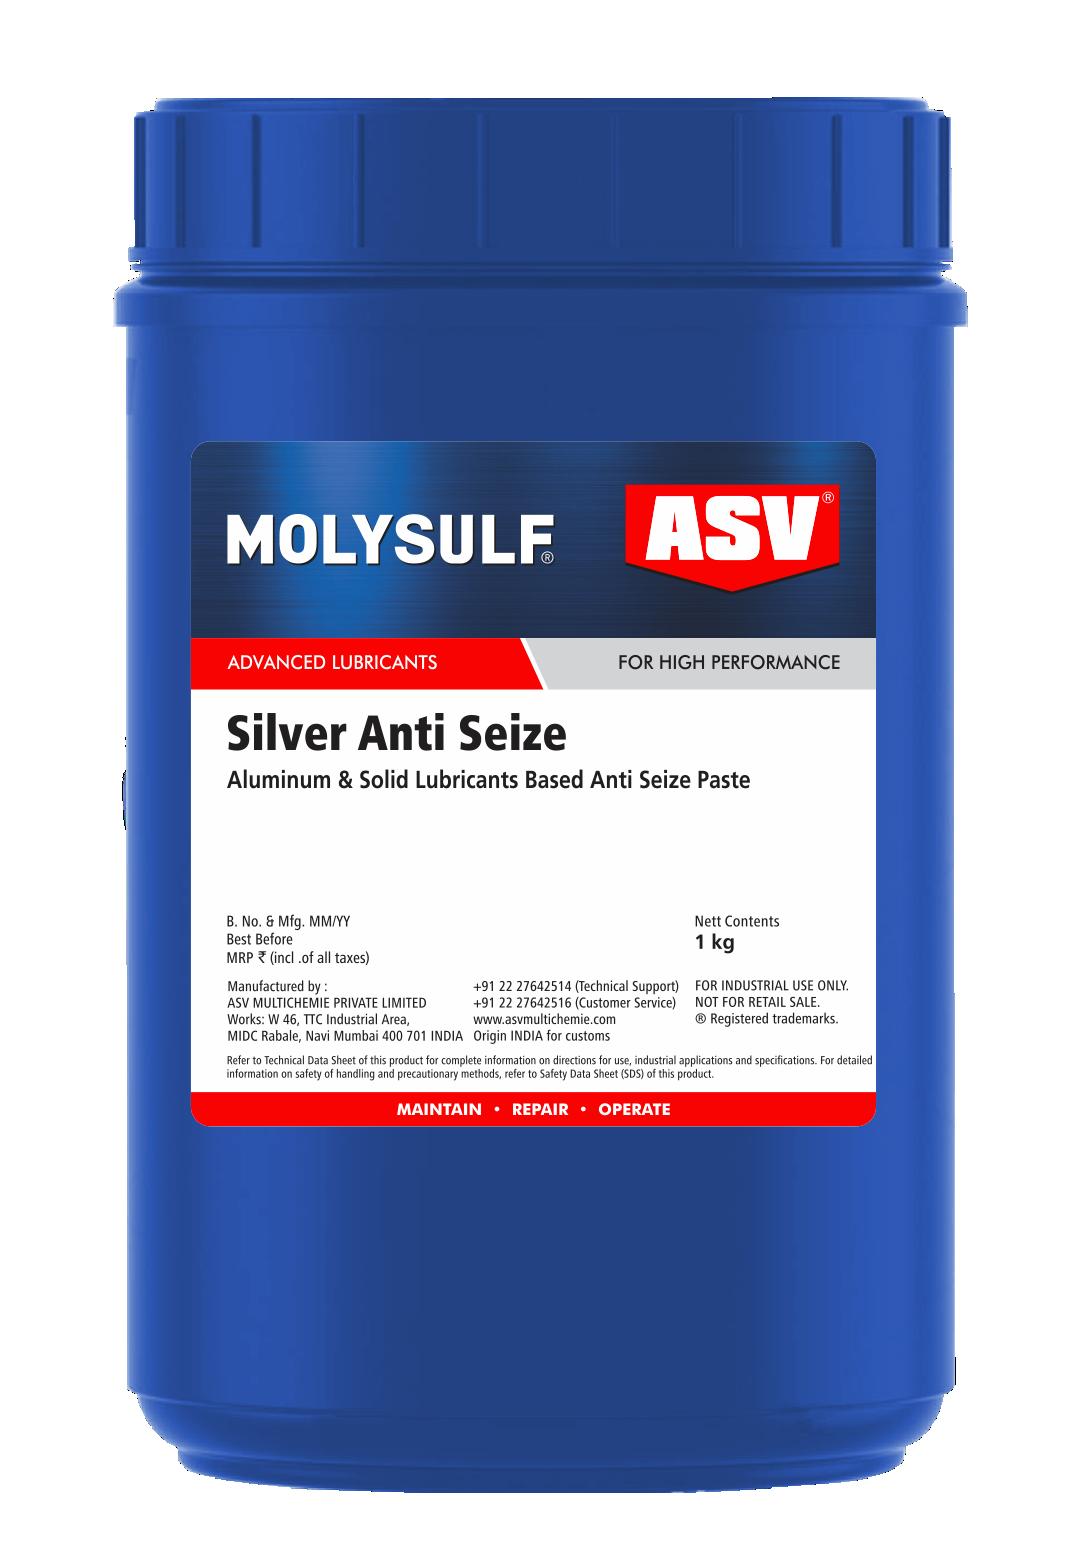 Silver Anti Seize